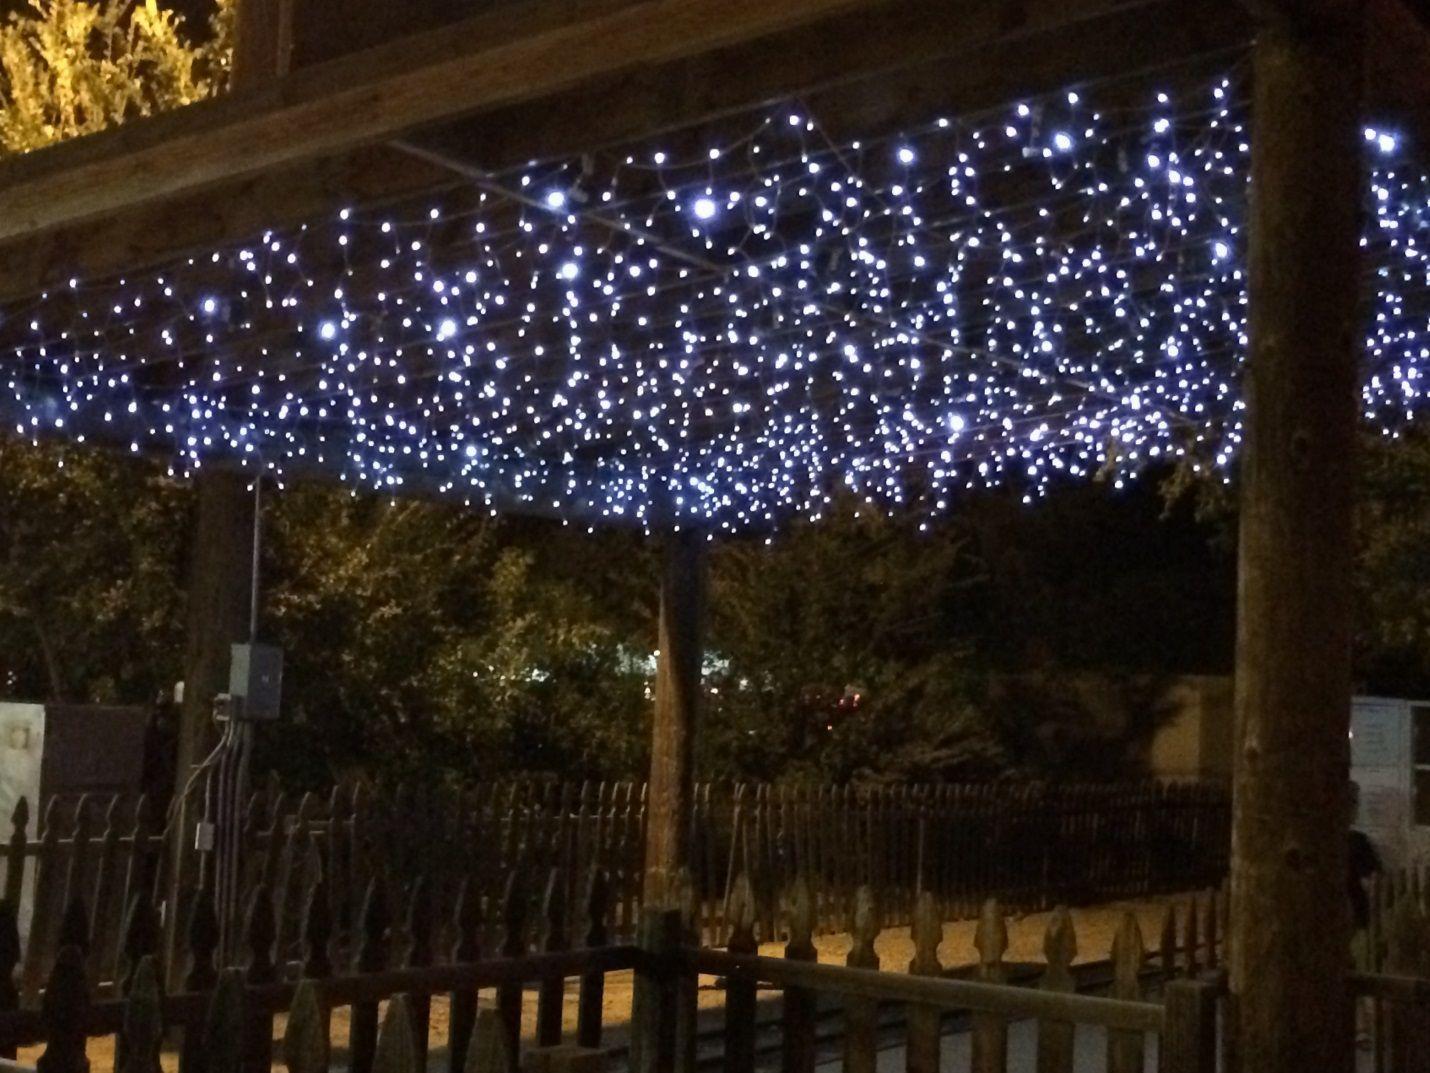 50 Ways To Use Christmas Lights To Deck Your Hall This Holiday Season Outdoor Christmas Lights Hanging Christmas Lights Best Christmas Lights